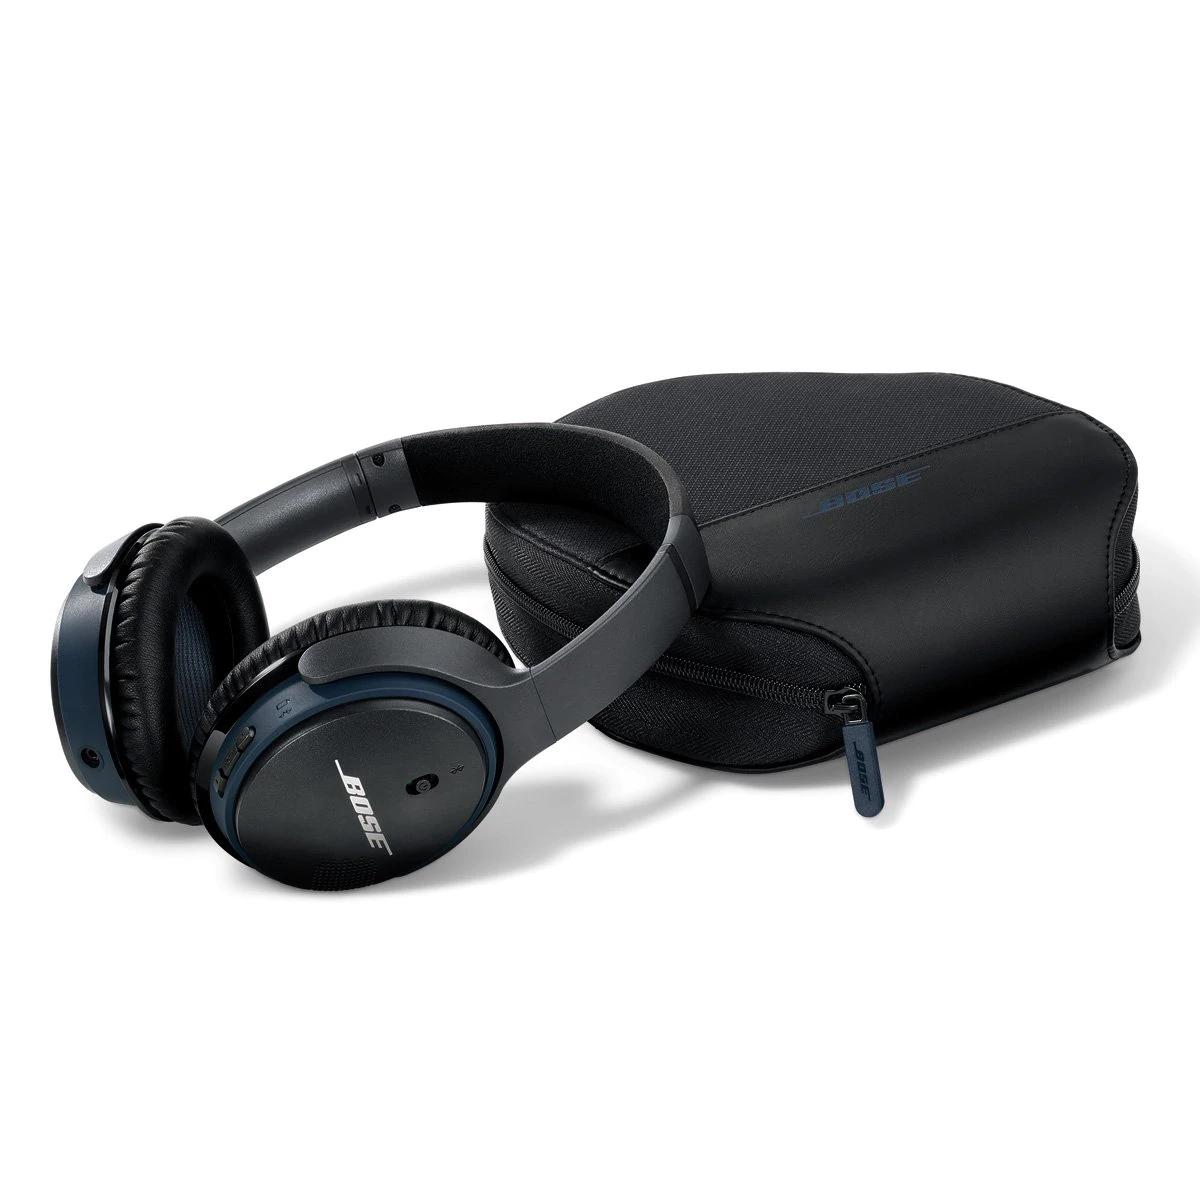 Sears: Audífonos Inalámbricos SoundLink II Bose